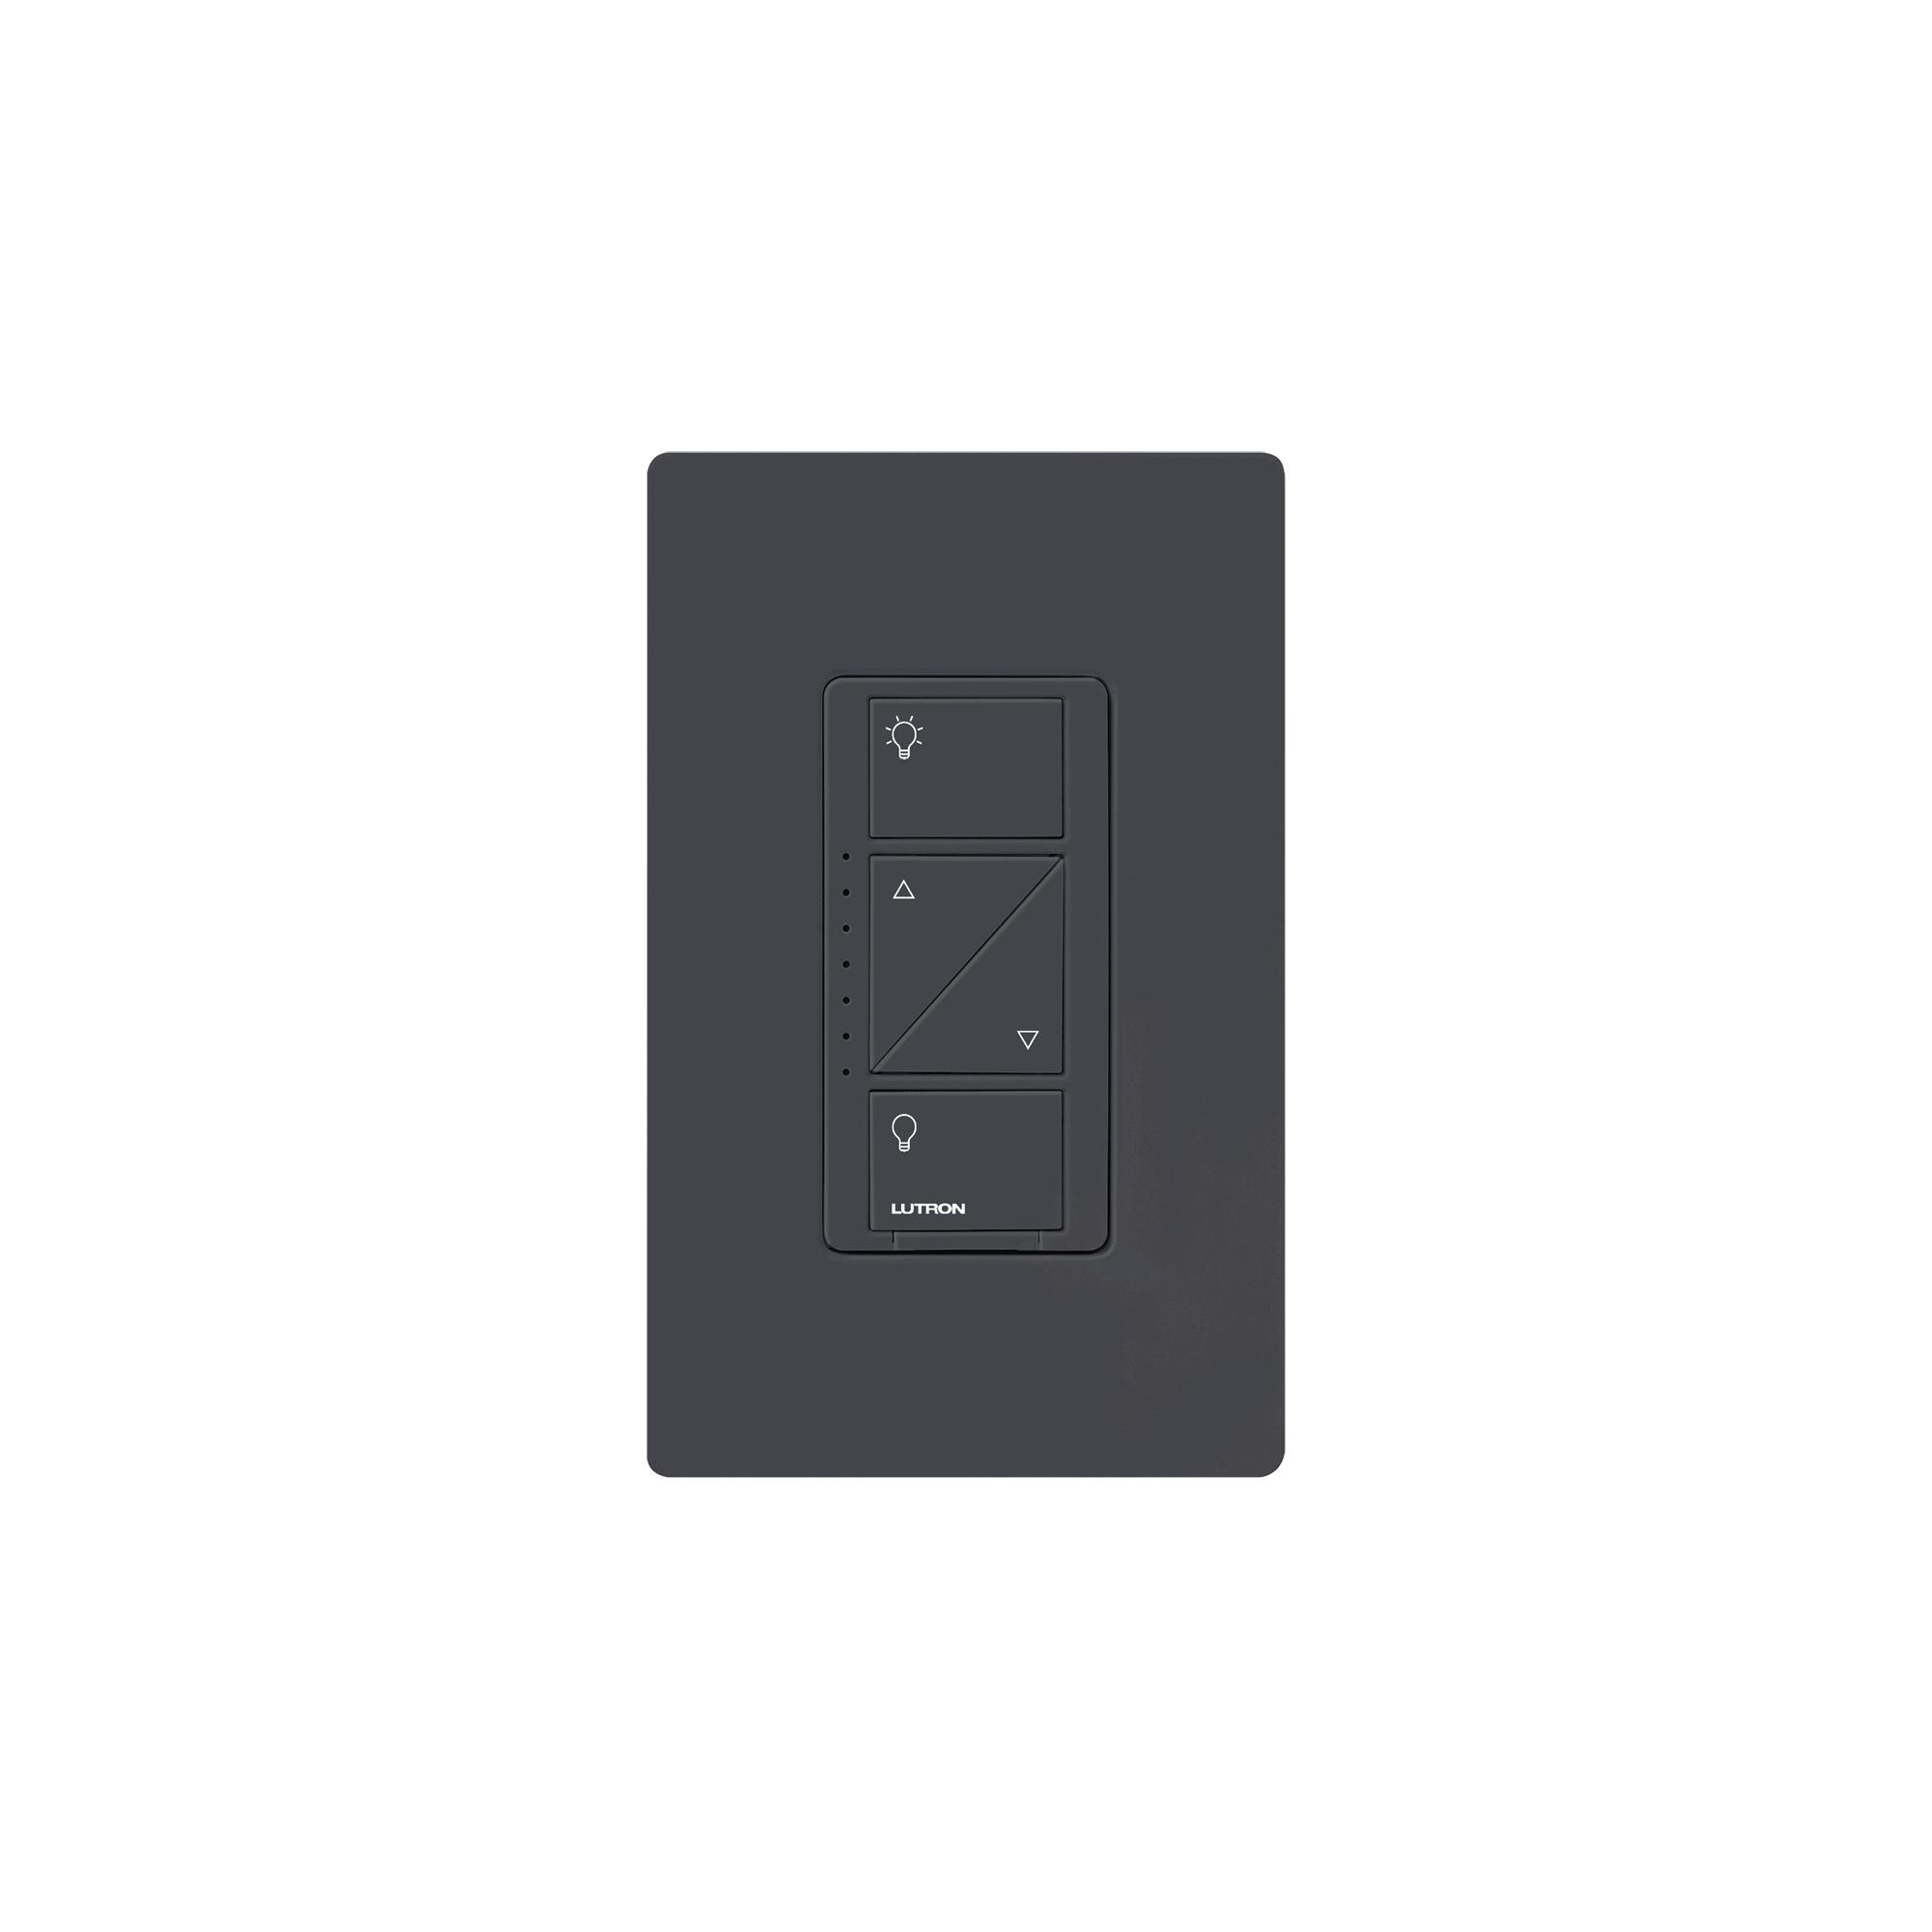 Atenuador (Dimmer) de pared. Aumenta/Disminuye Intensidad de Iluminacion. No requiere cable neutro, integrable al HUB de Caseta y su App.